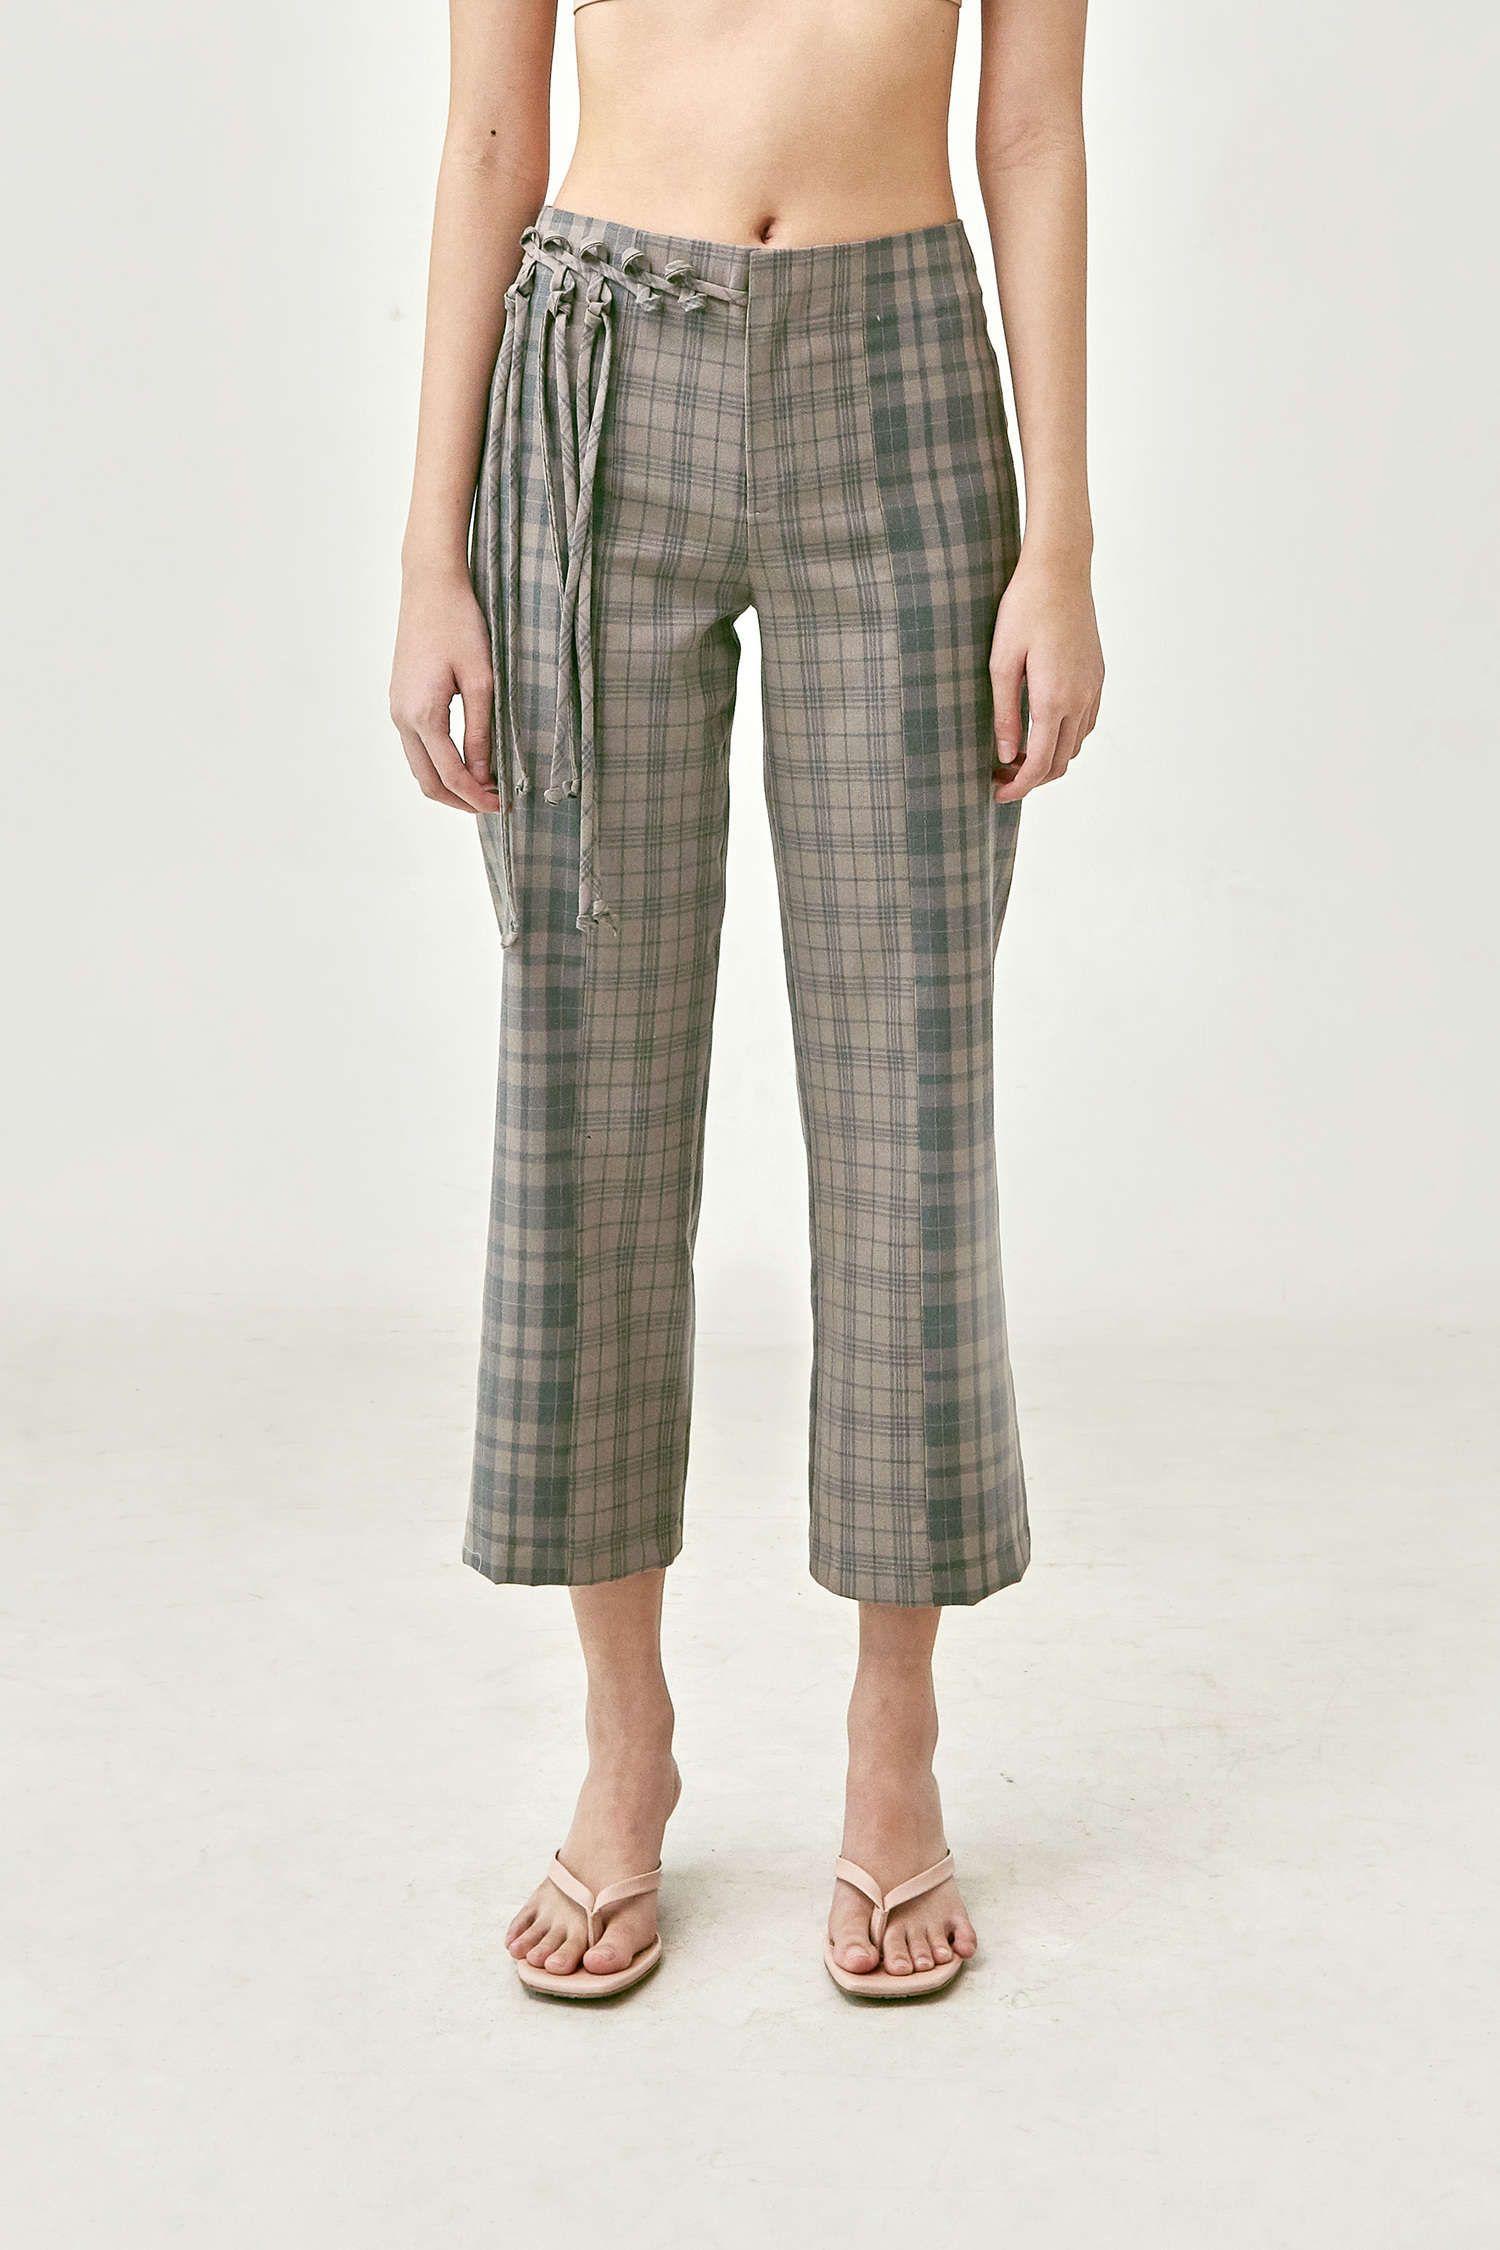 #PopbelaOOTD: Lebih Menarik dengan Celana Plaid